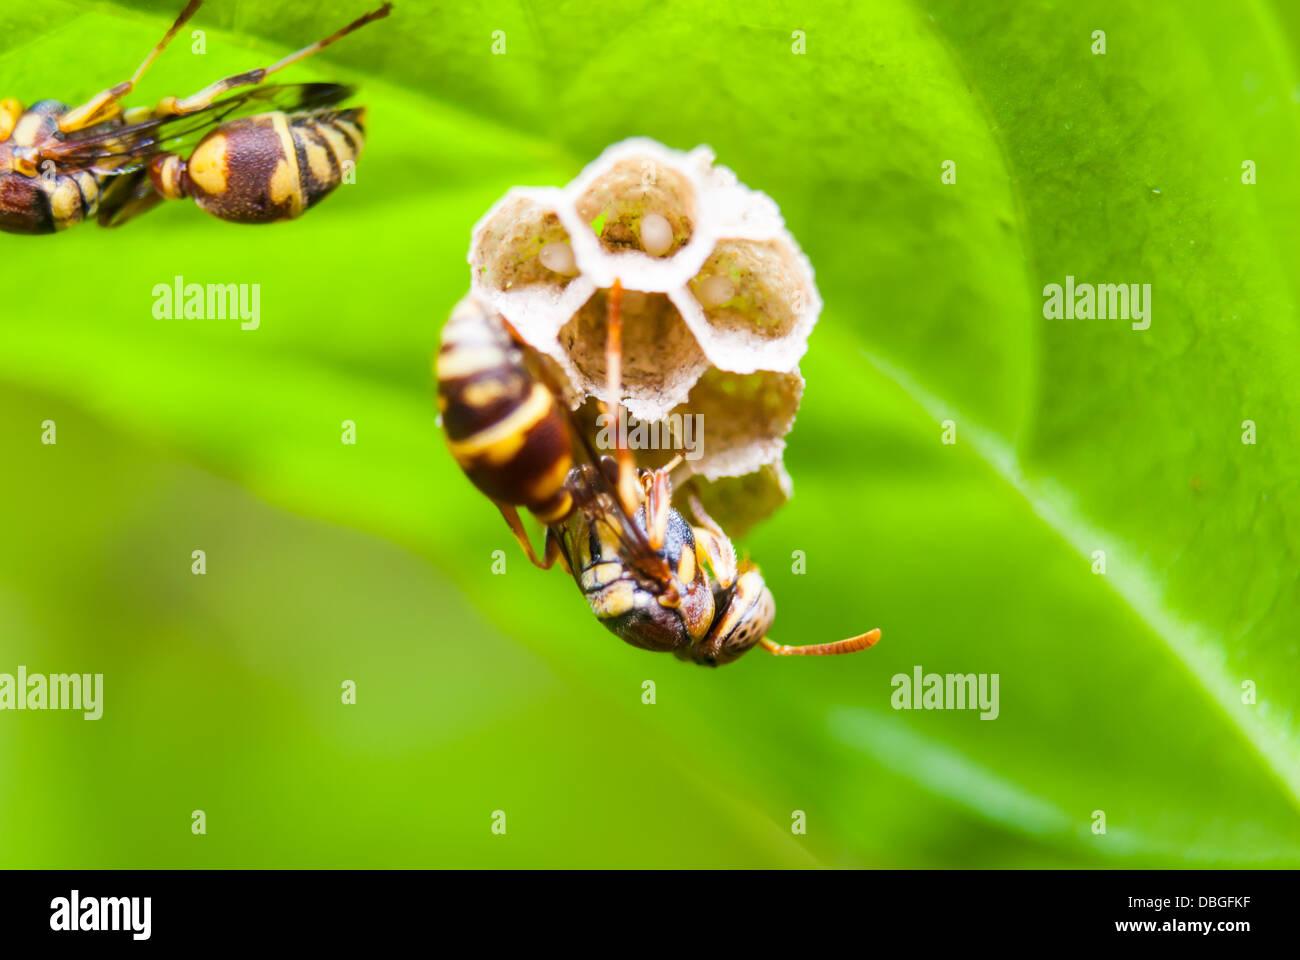 Wasp's Nest de hoja verde. Imagen De Stock